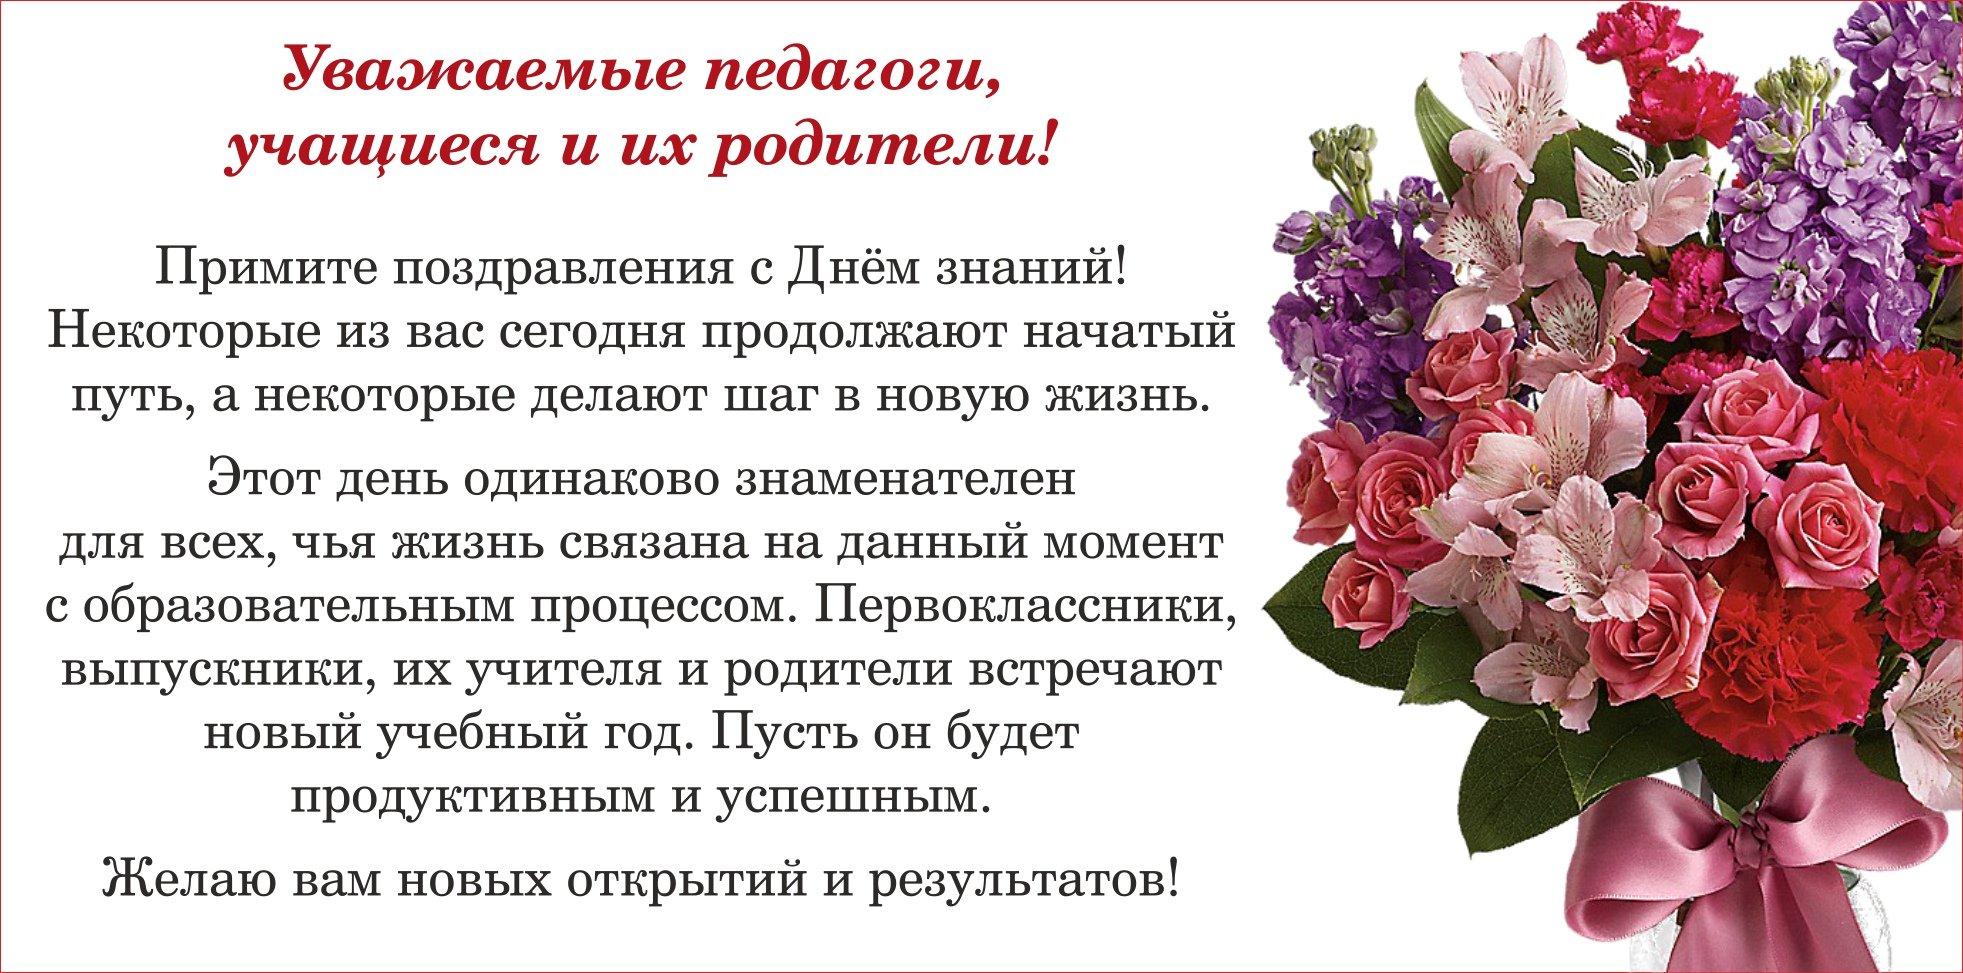 Поздравление работников образования с юбилеем